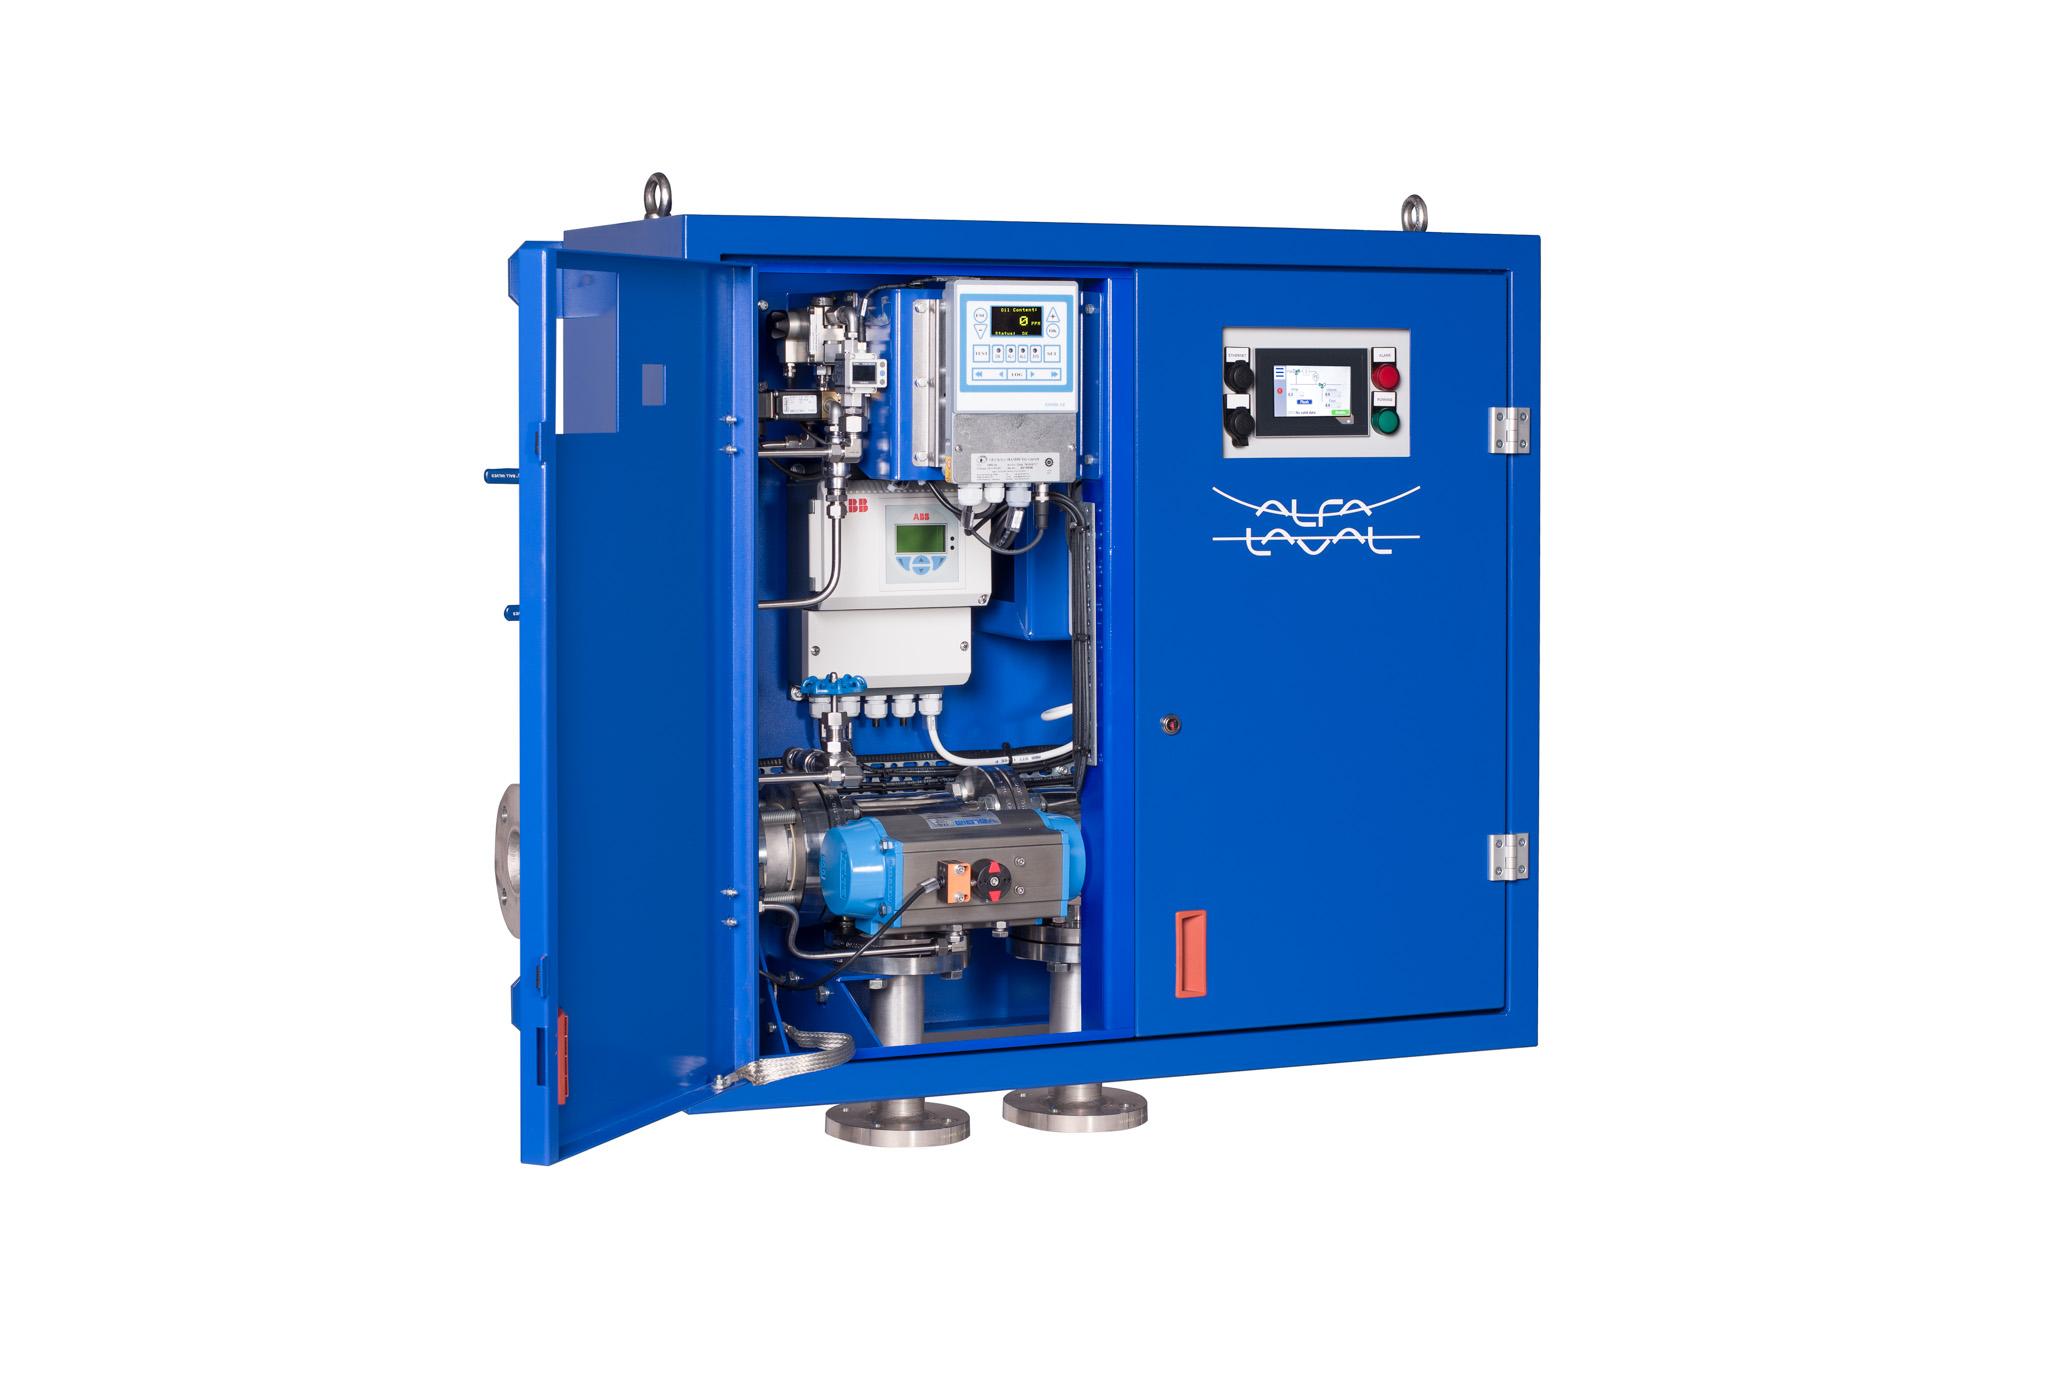 Alfa laval sample cooler Кожухотрубный конденсатор ONDA C 17.306.1000 Находка